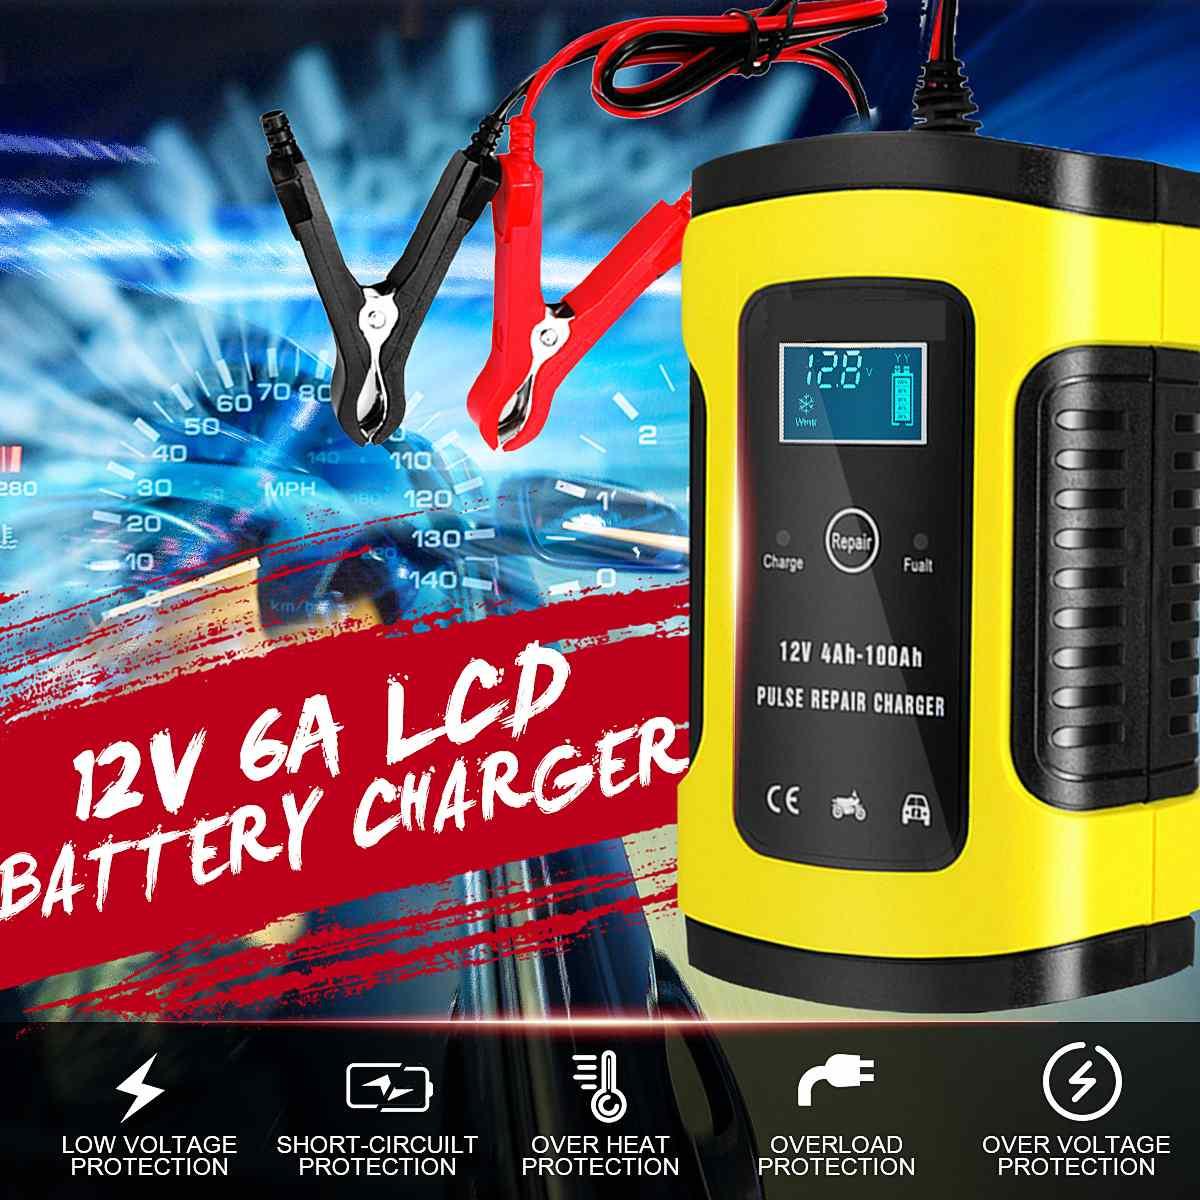 Affichage LCD 110-220V à 12V 6A chargeur de batterie de voiture entièrement automatique chargeurs de réparation d'impulsion de puissance chargeur de batterie intelligent au plomb